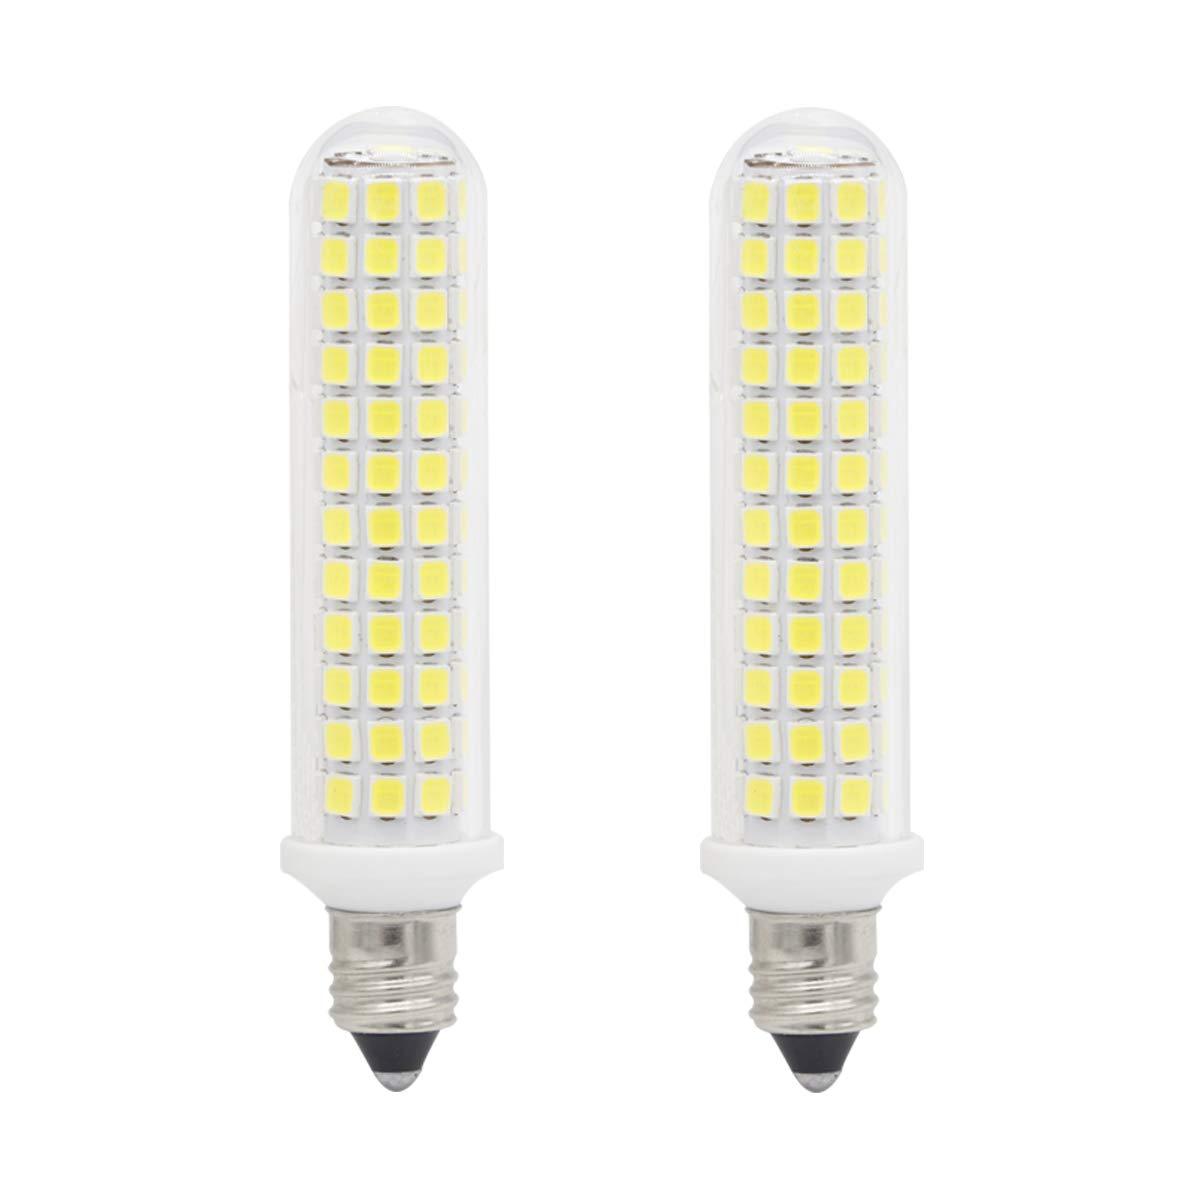 Ylaide E11 led Light Bulb 100W Halogen Bulbs Equivalent 1300lm, t4 jd e11 Mini Candelabra Base 110V 120V 130V Input 100W Halogen Replacement, Pack of 2 (Daylight White 6000K)